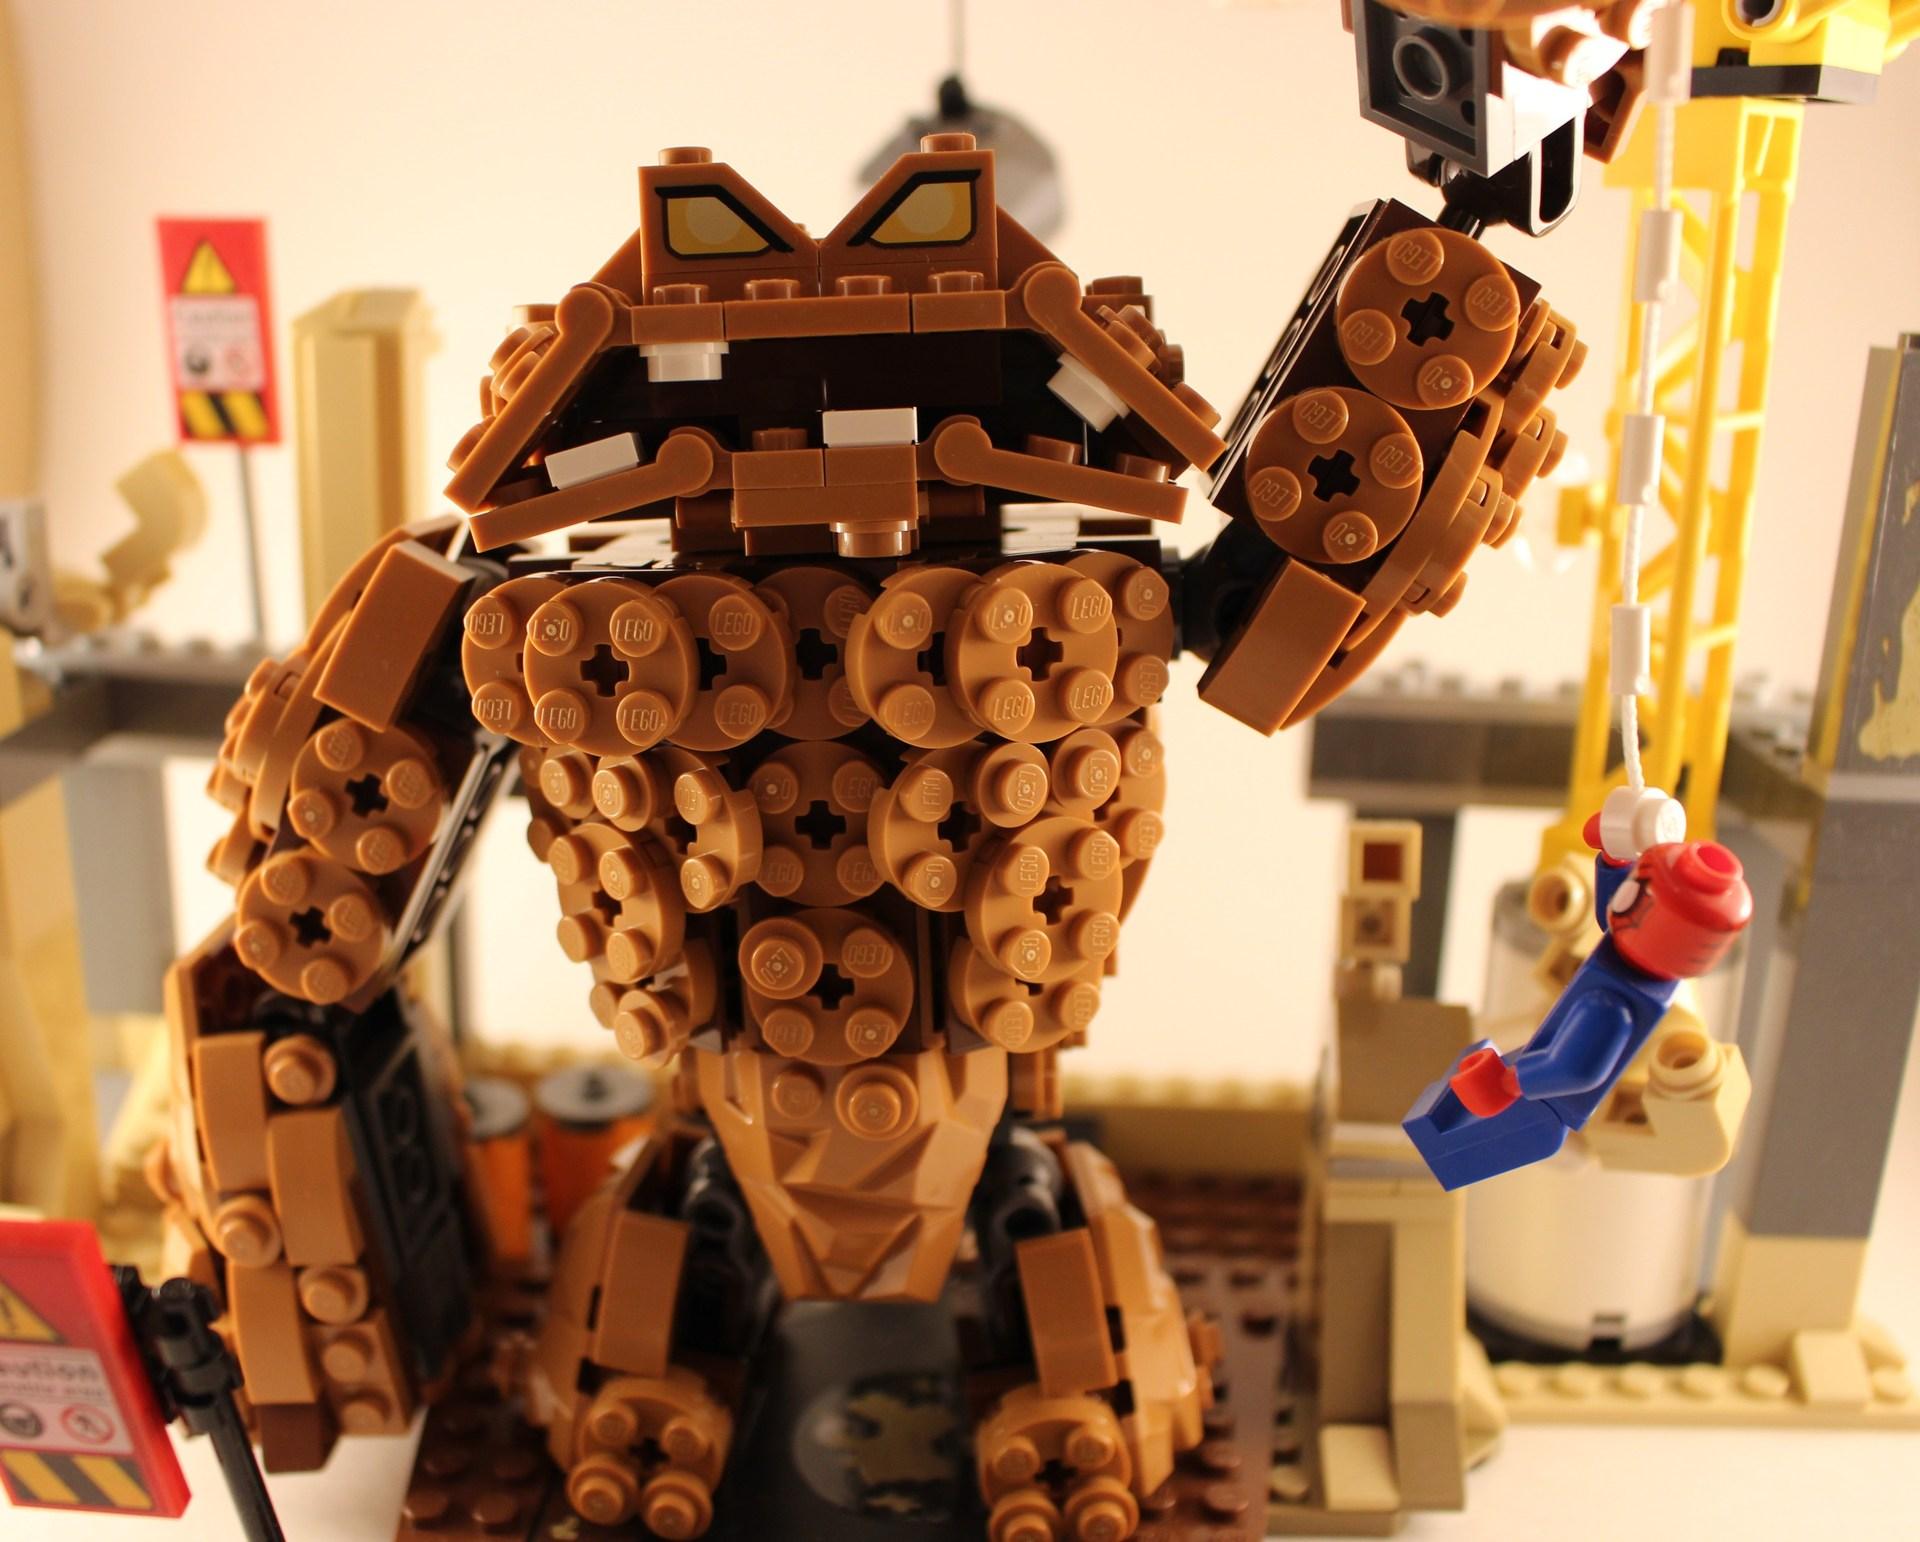 LEGO Spider-man vs. Sandman v2 (Claymonster from Batman)